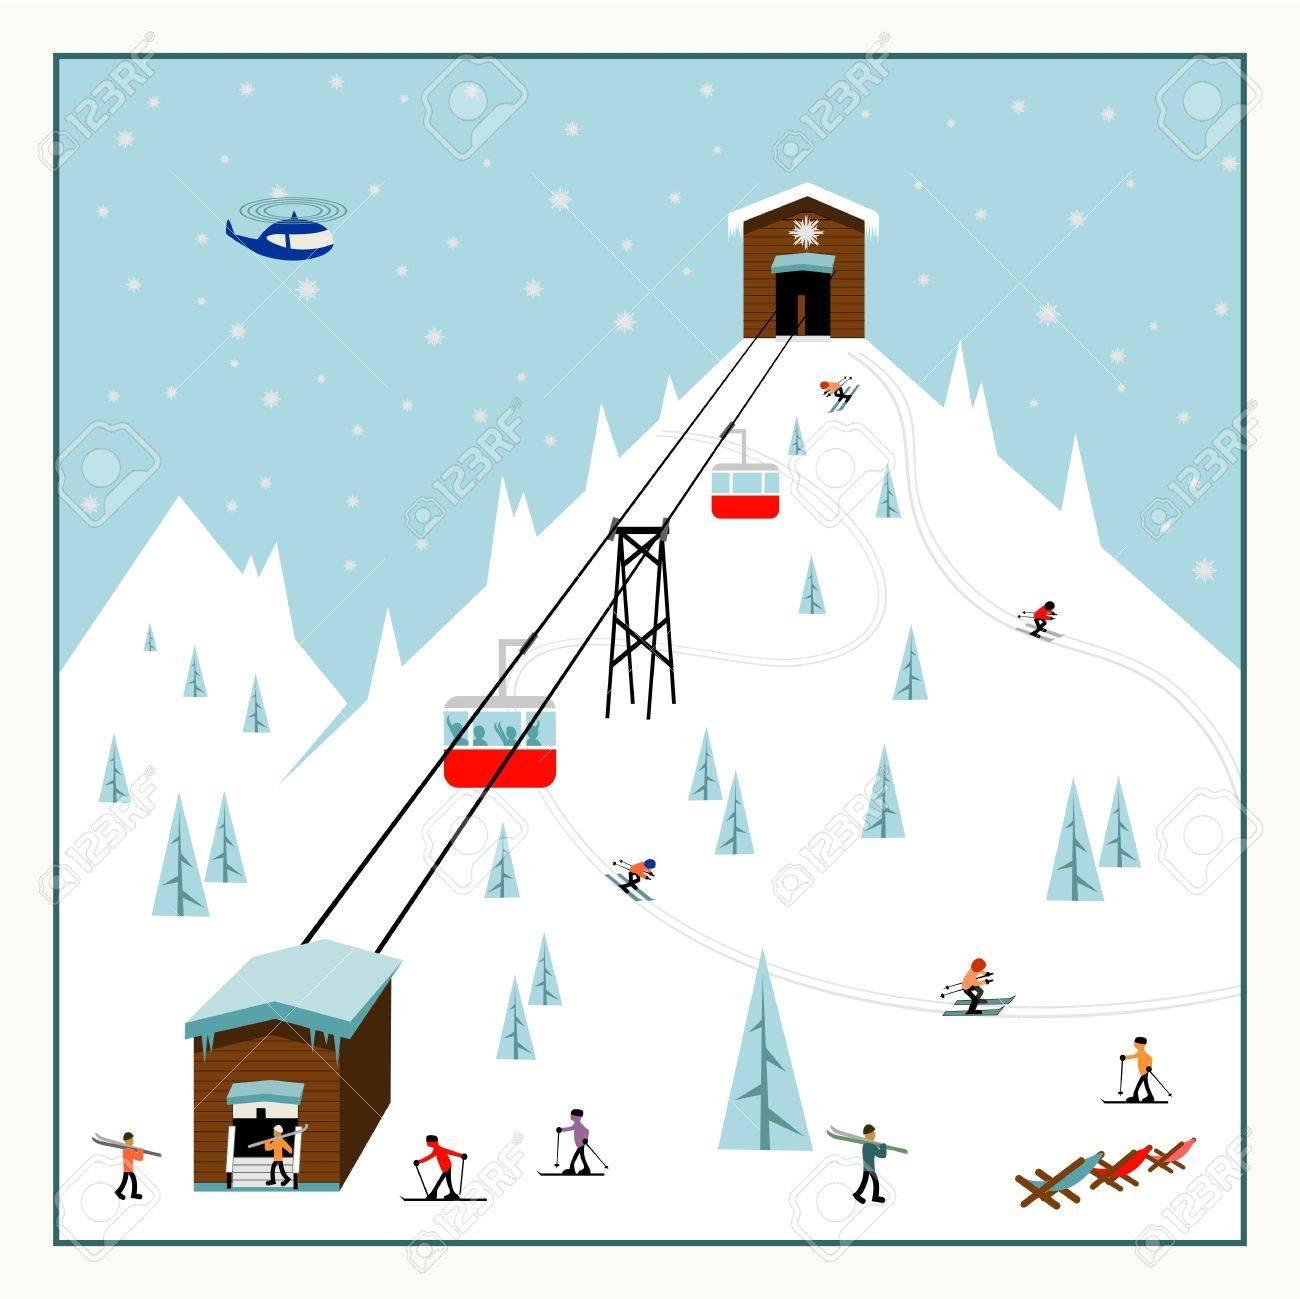 クールなパステル カラー漫画スキー ポスタースキー場のリフト